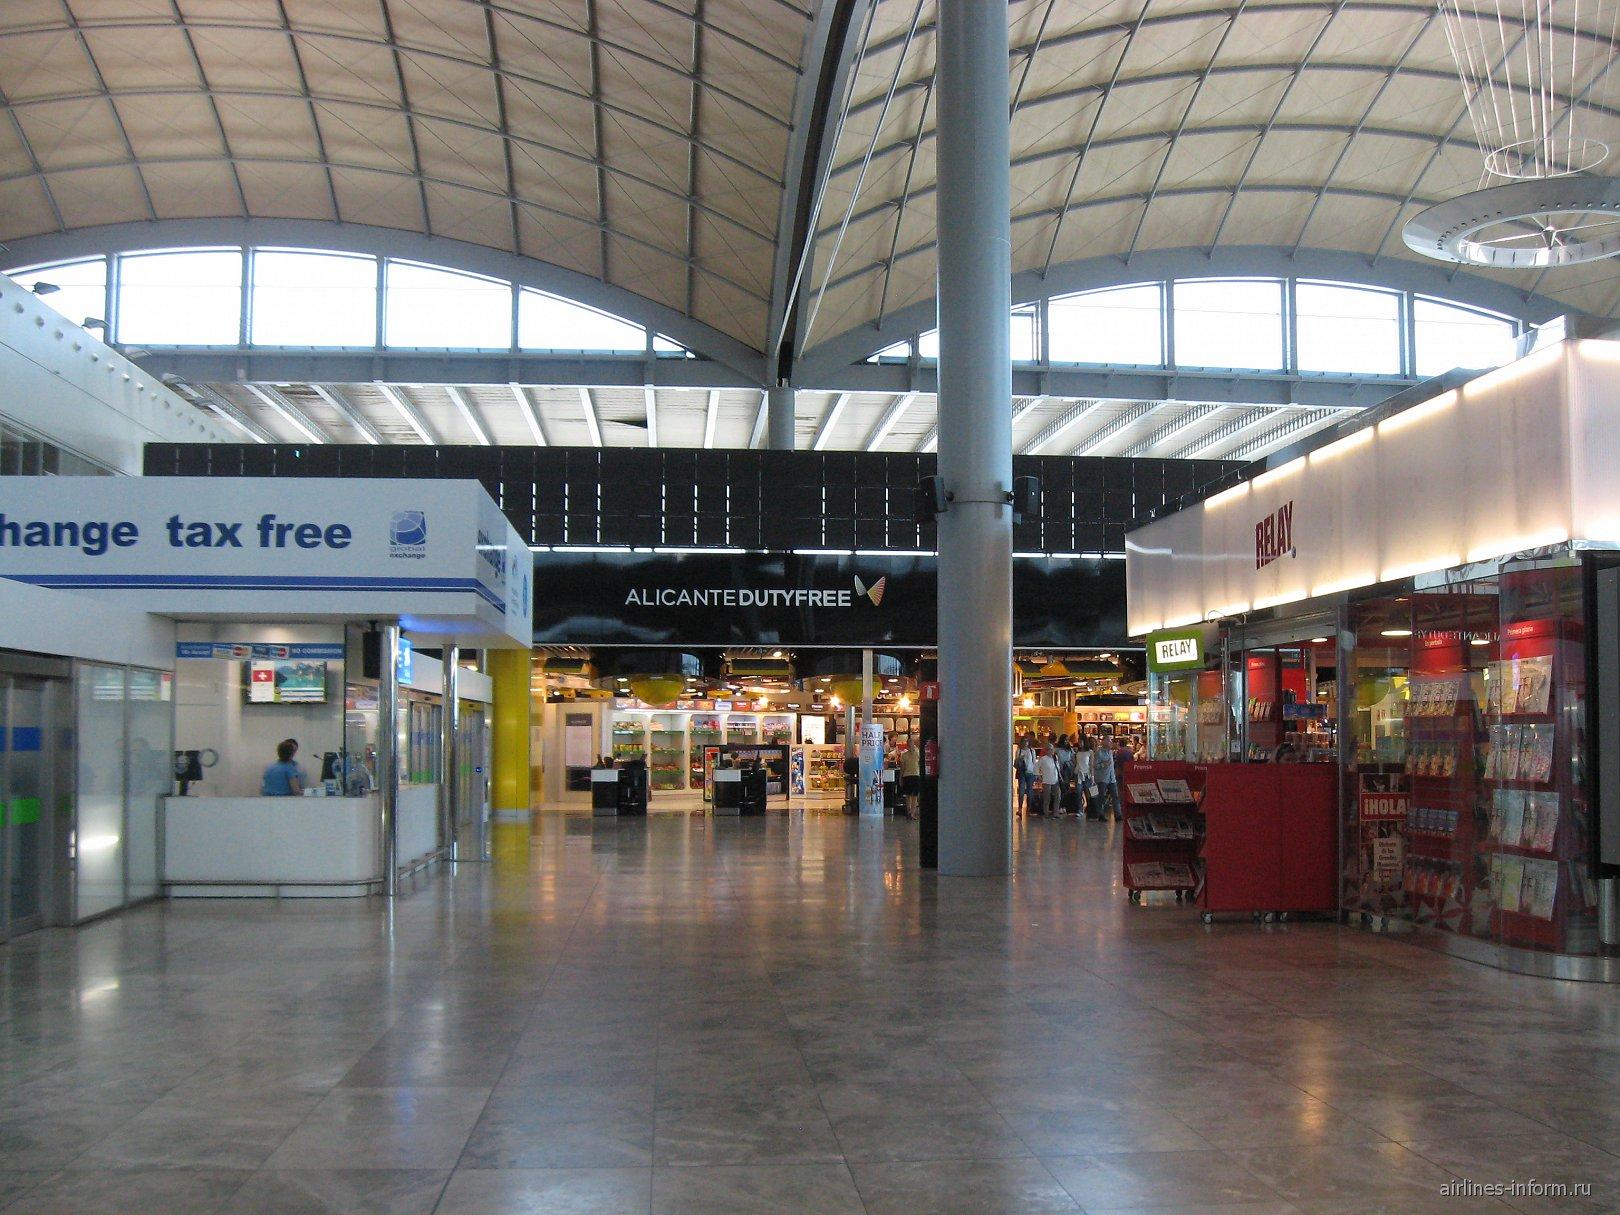 Магазины в чистой зоне аэропорта Аликанте